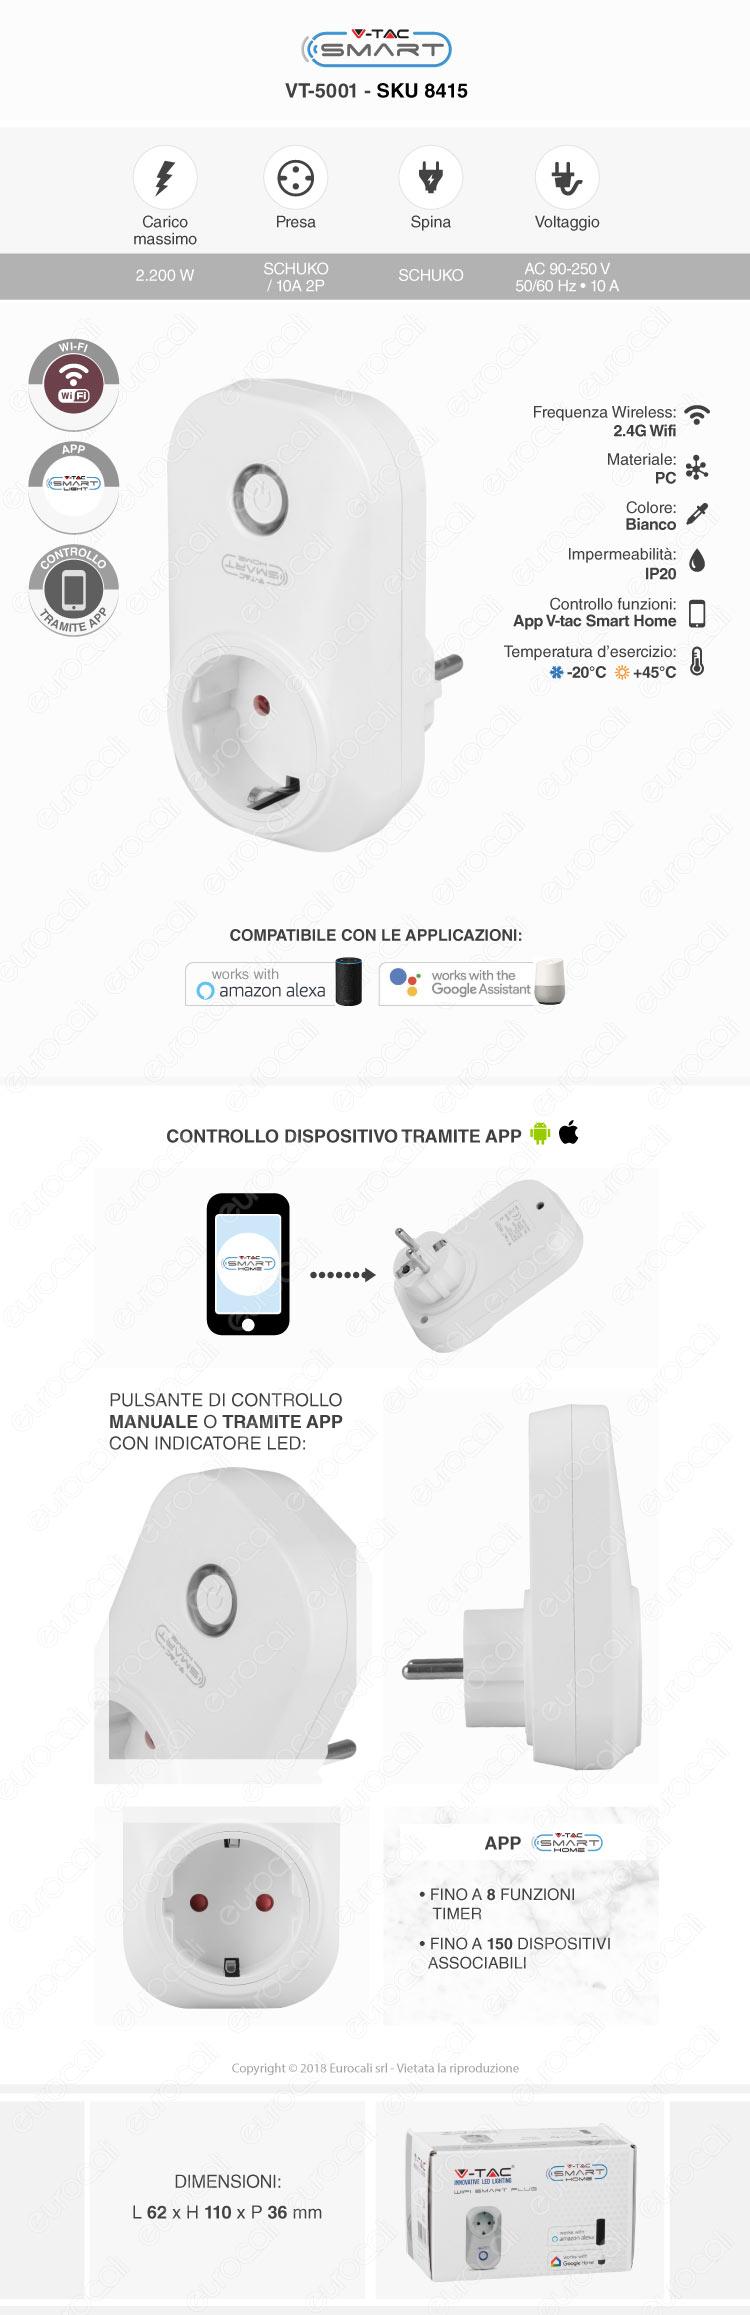 V-Tac Smart VT-5001 Presa 10A Schuko Wi-Fi con Spina Schuko